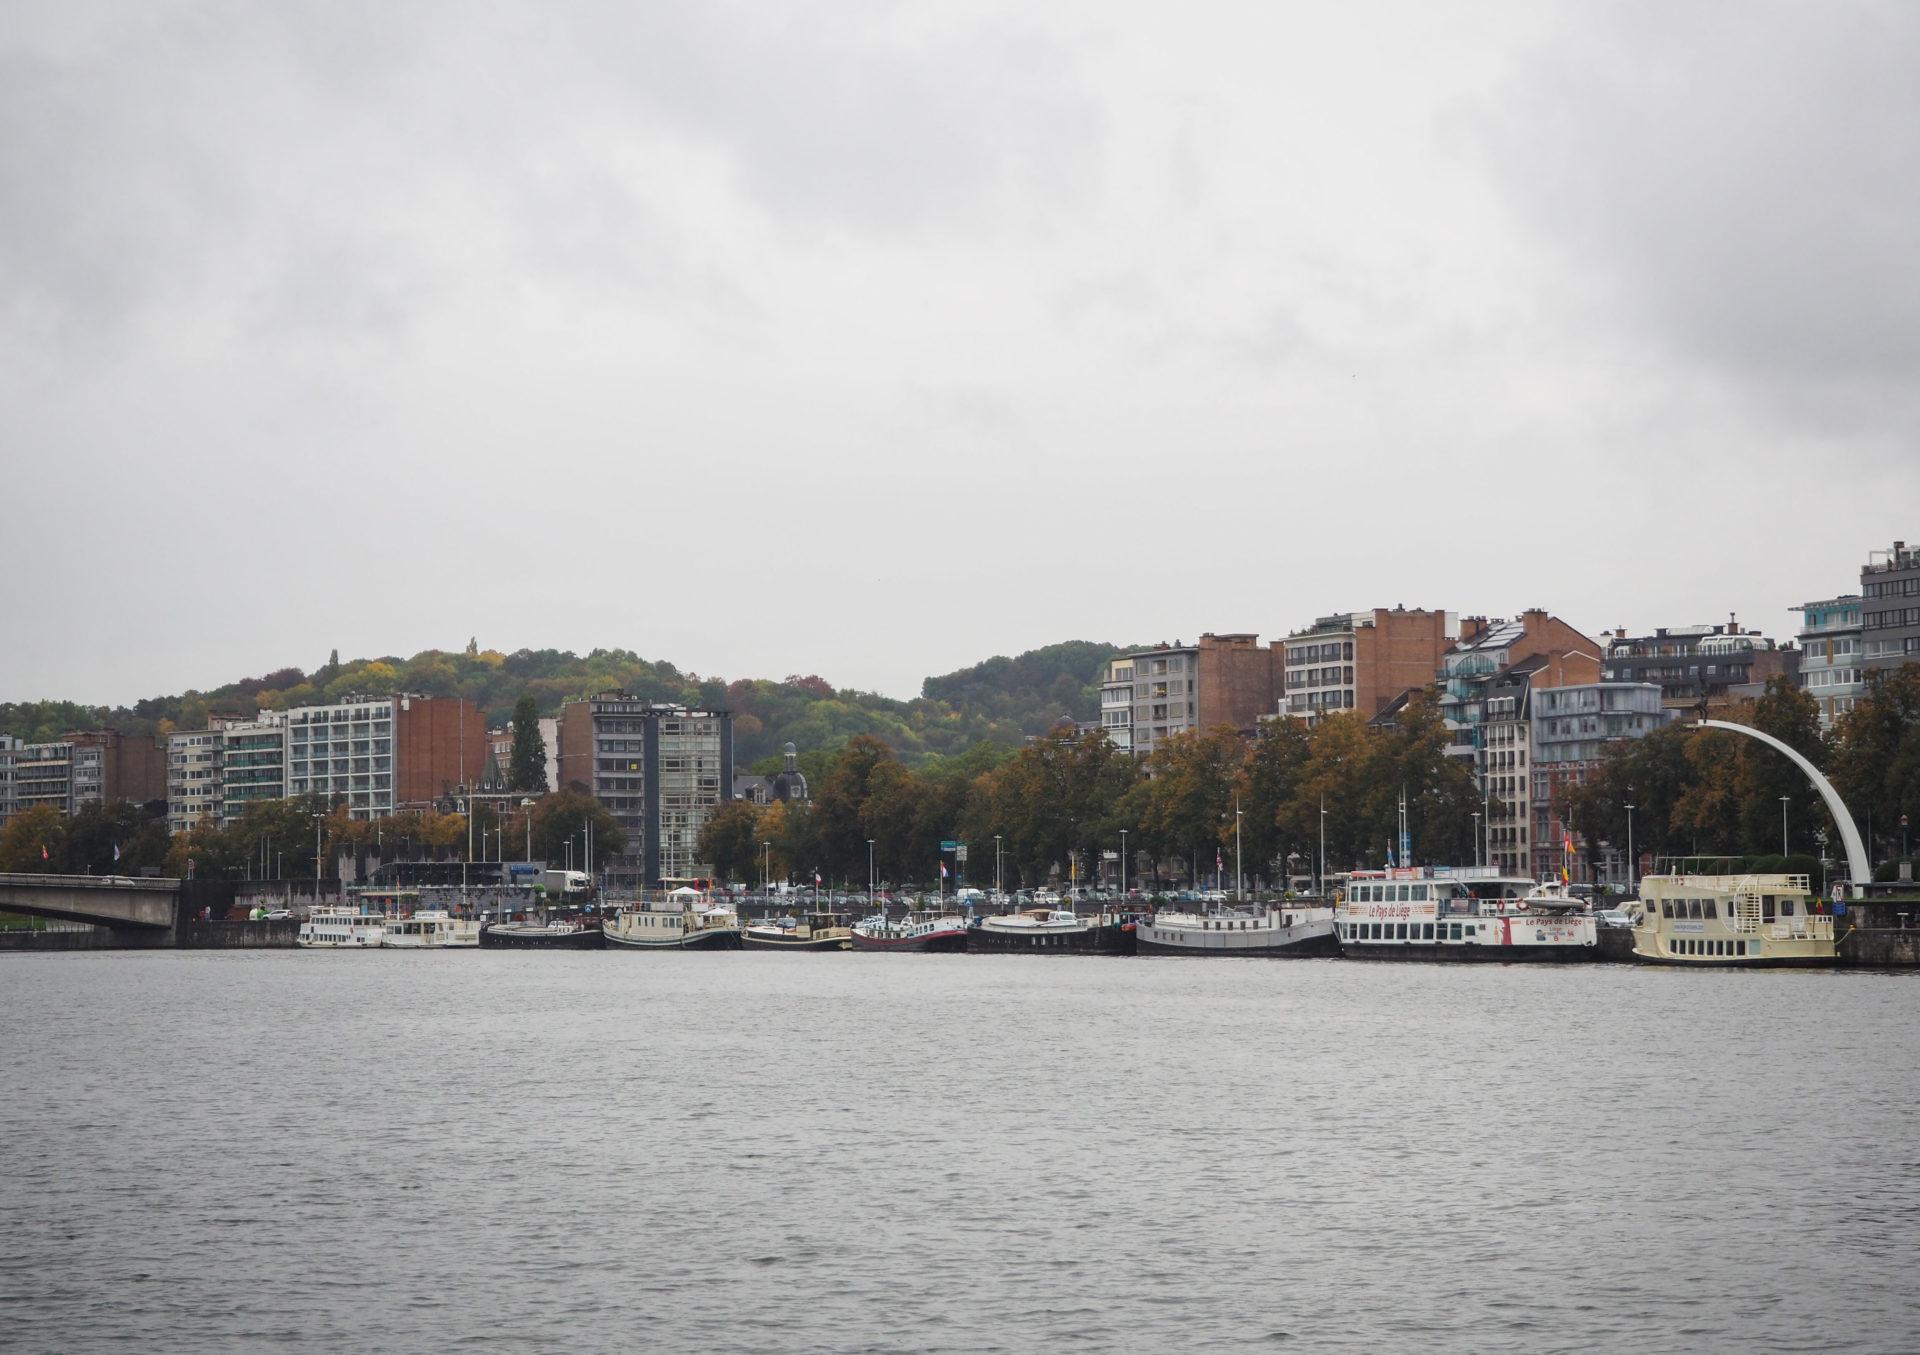 Sur les bords de la Meuse - Visiter Liège en Belgique en mode slow - Que faire et que visiter à Liège? - Adresses slow et gourmandes à Liège - Informations pratiques pour visiter Liège et en tomber amoureuse en quelques instants!